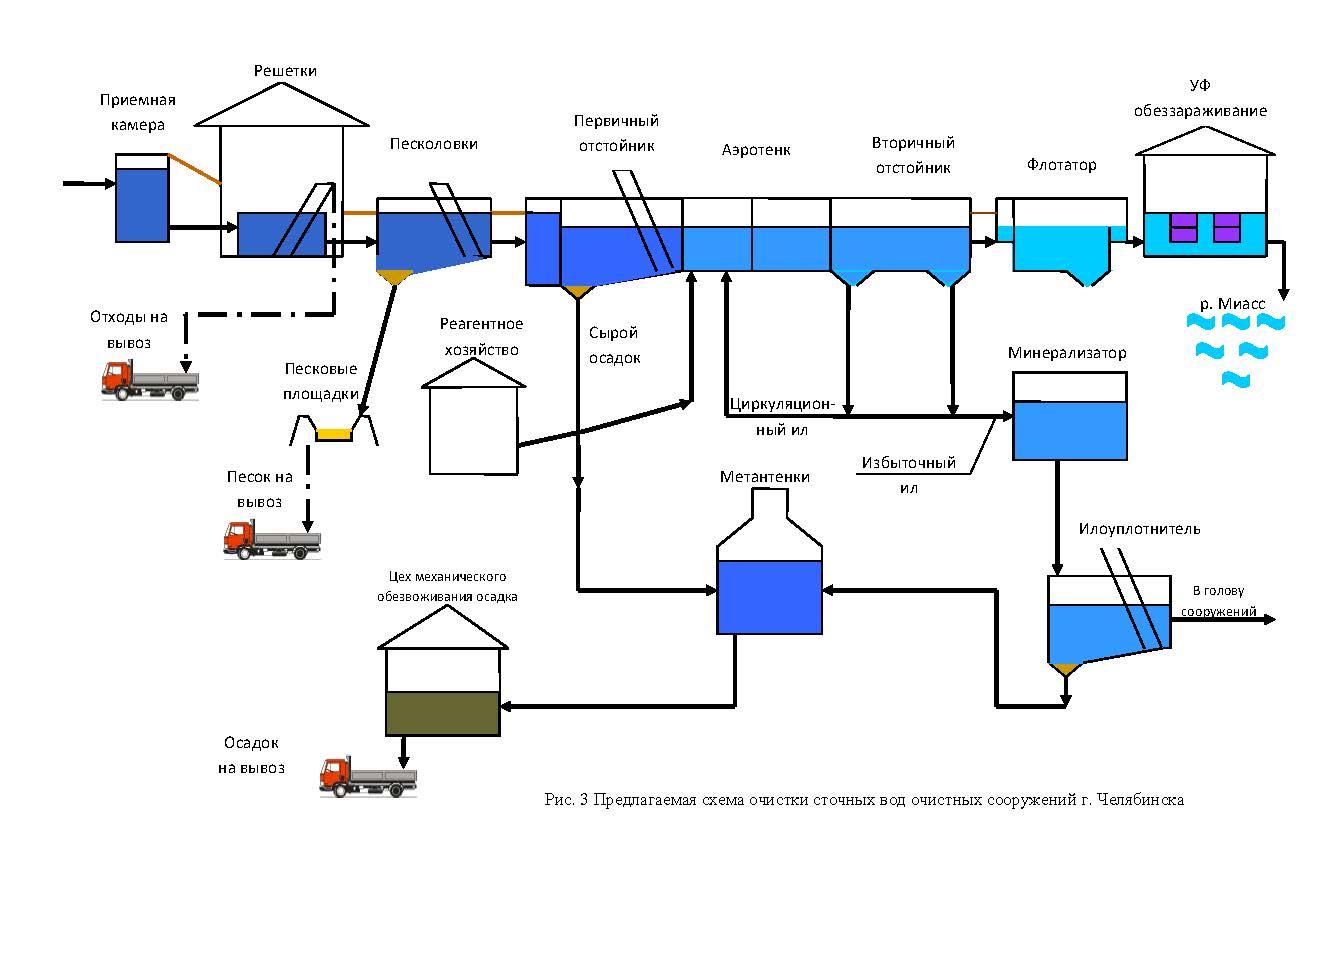 Сооружения очистки сточных вод схема 873